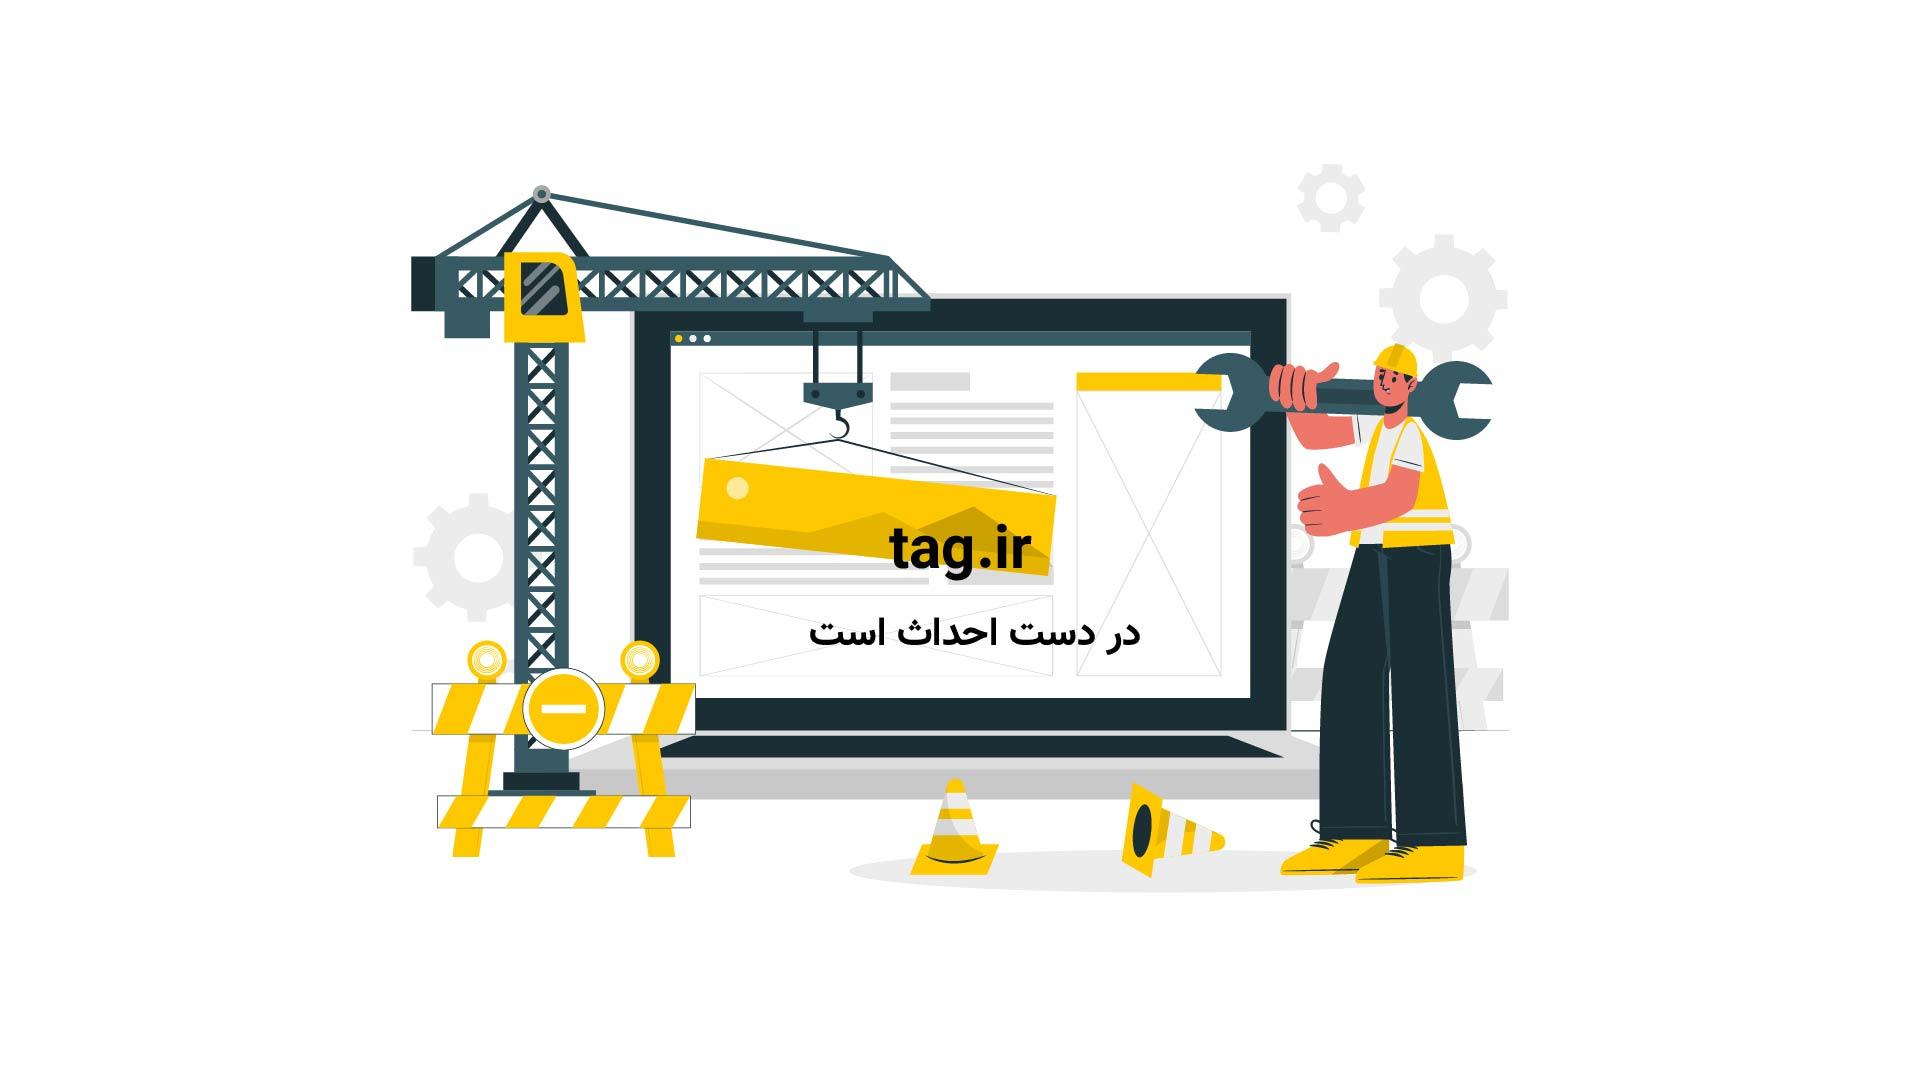 بازی آشپزی | تگ